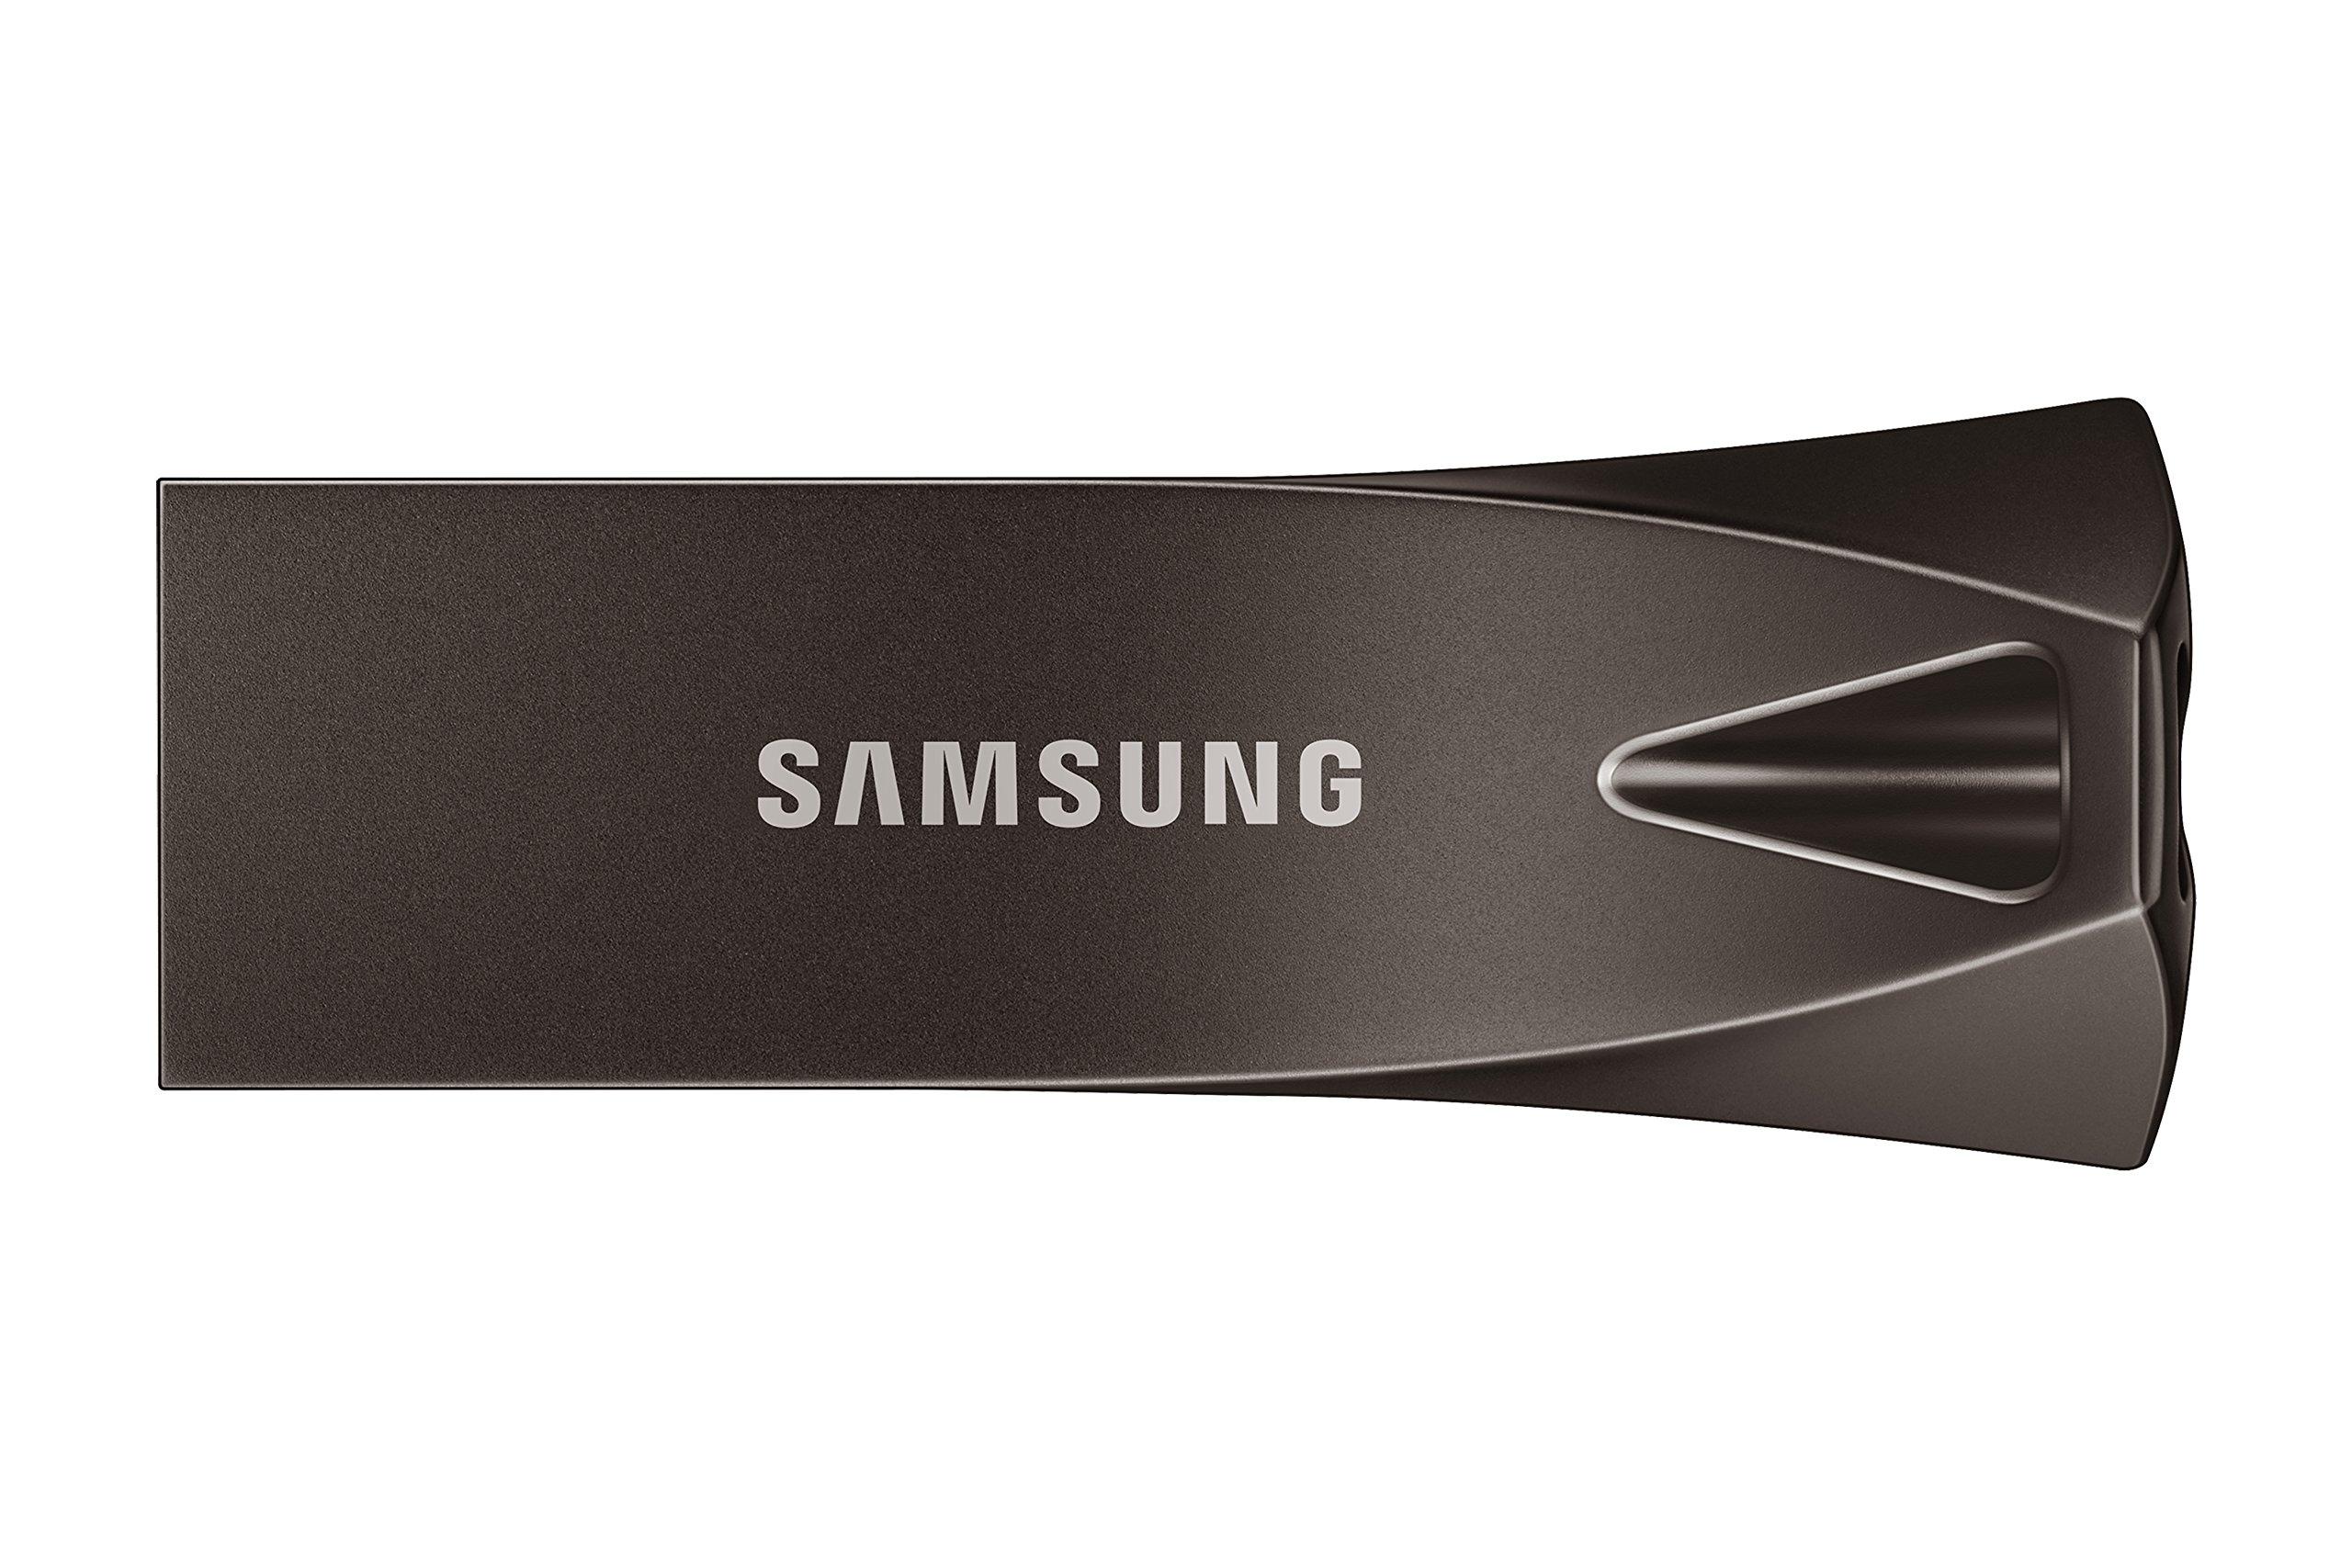 Samsung BAR Plus 128GB - 300MB/s USB 3.1 Flash Drive Titan Gray (MUF-128BE4/AM)